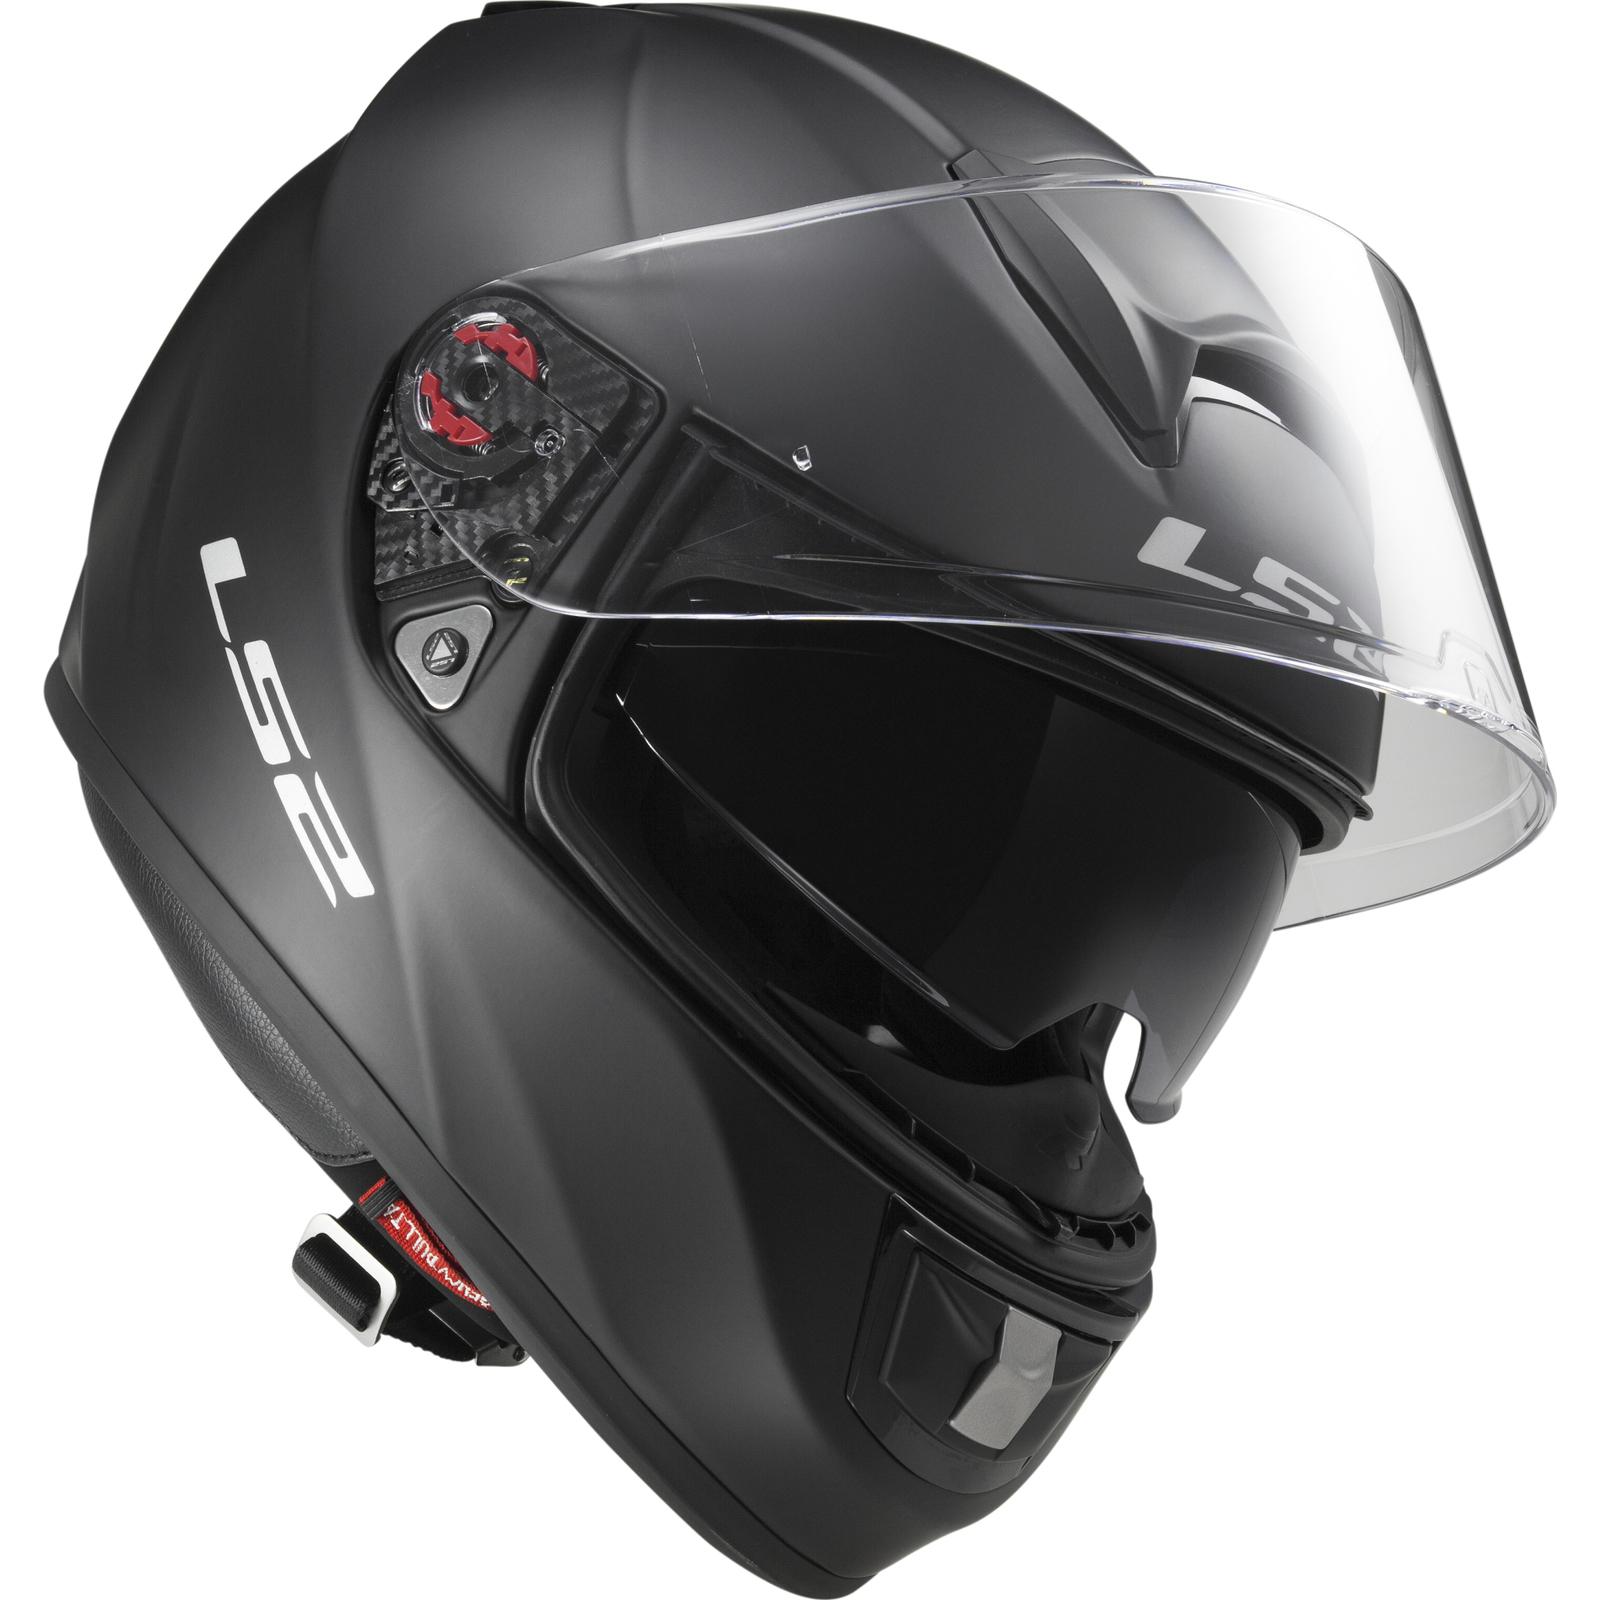 277a4c45 LS2 FF397.10 Vector Solid Matt Black Motorcycle Motorbike Full Face ...